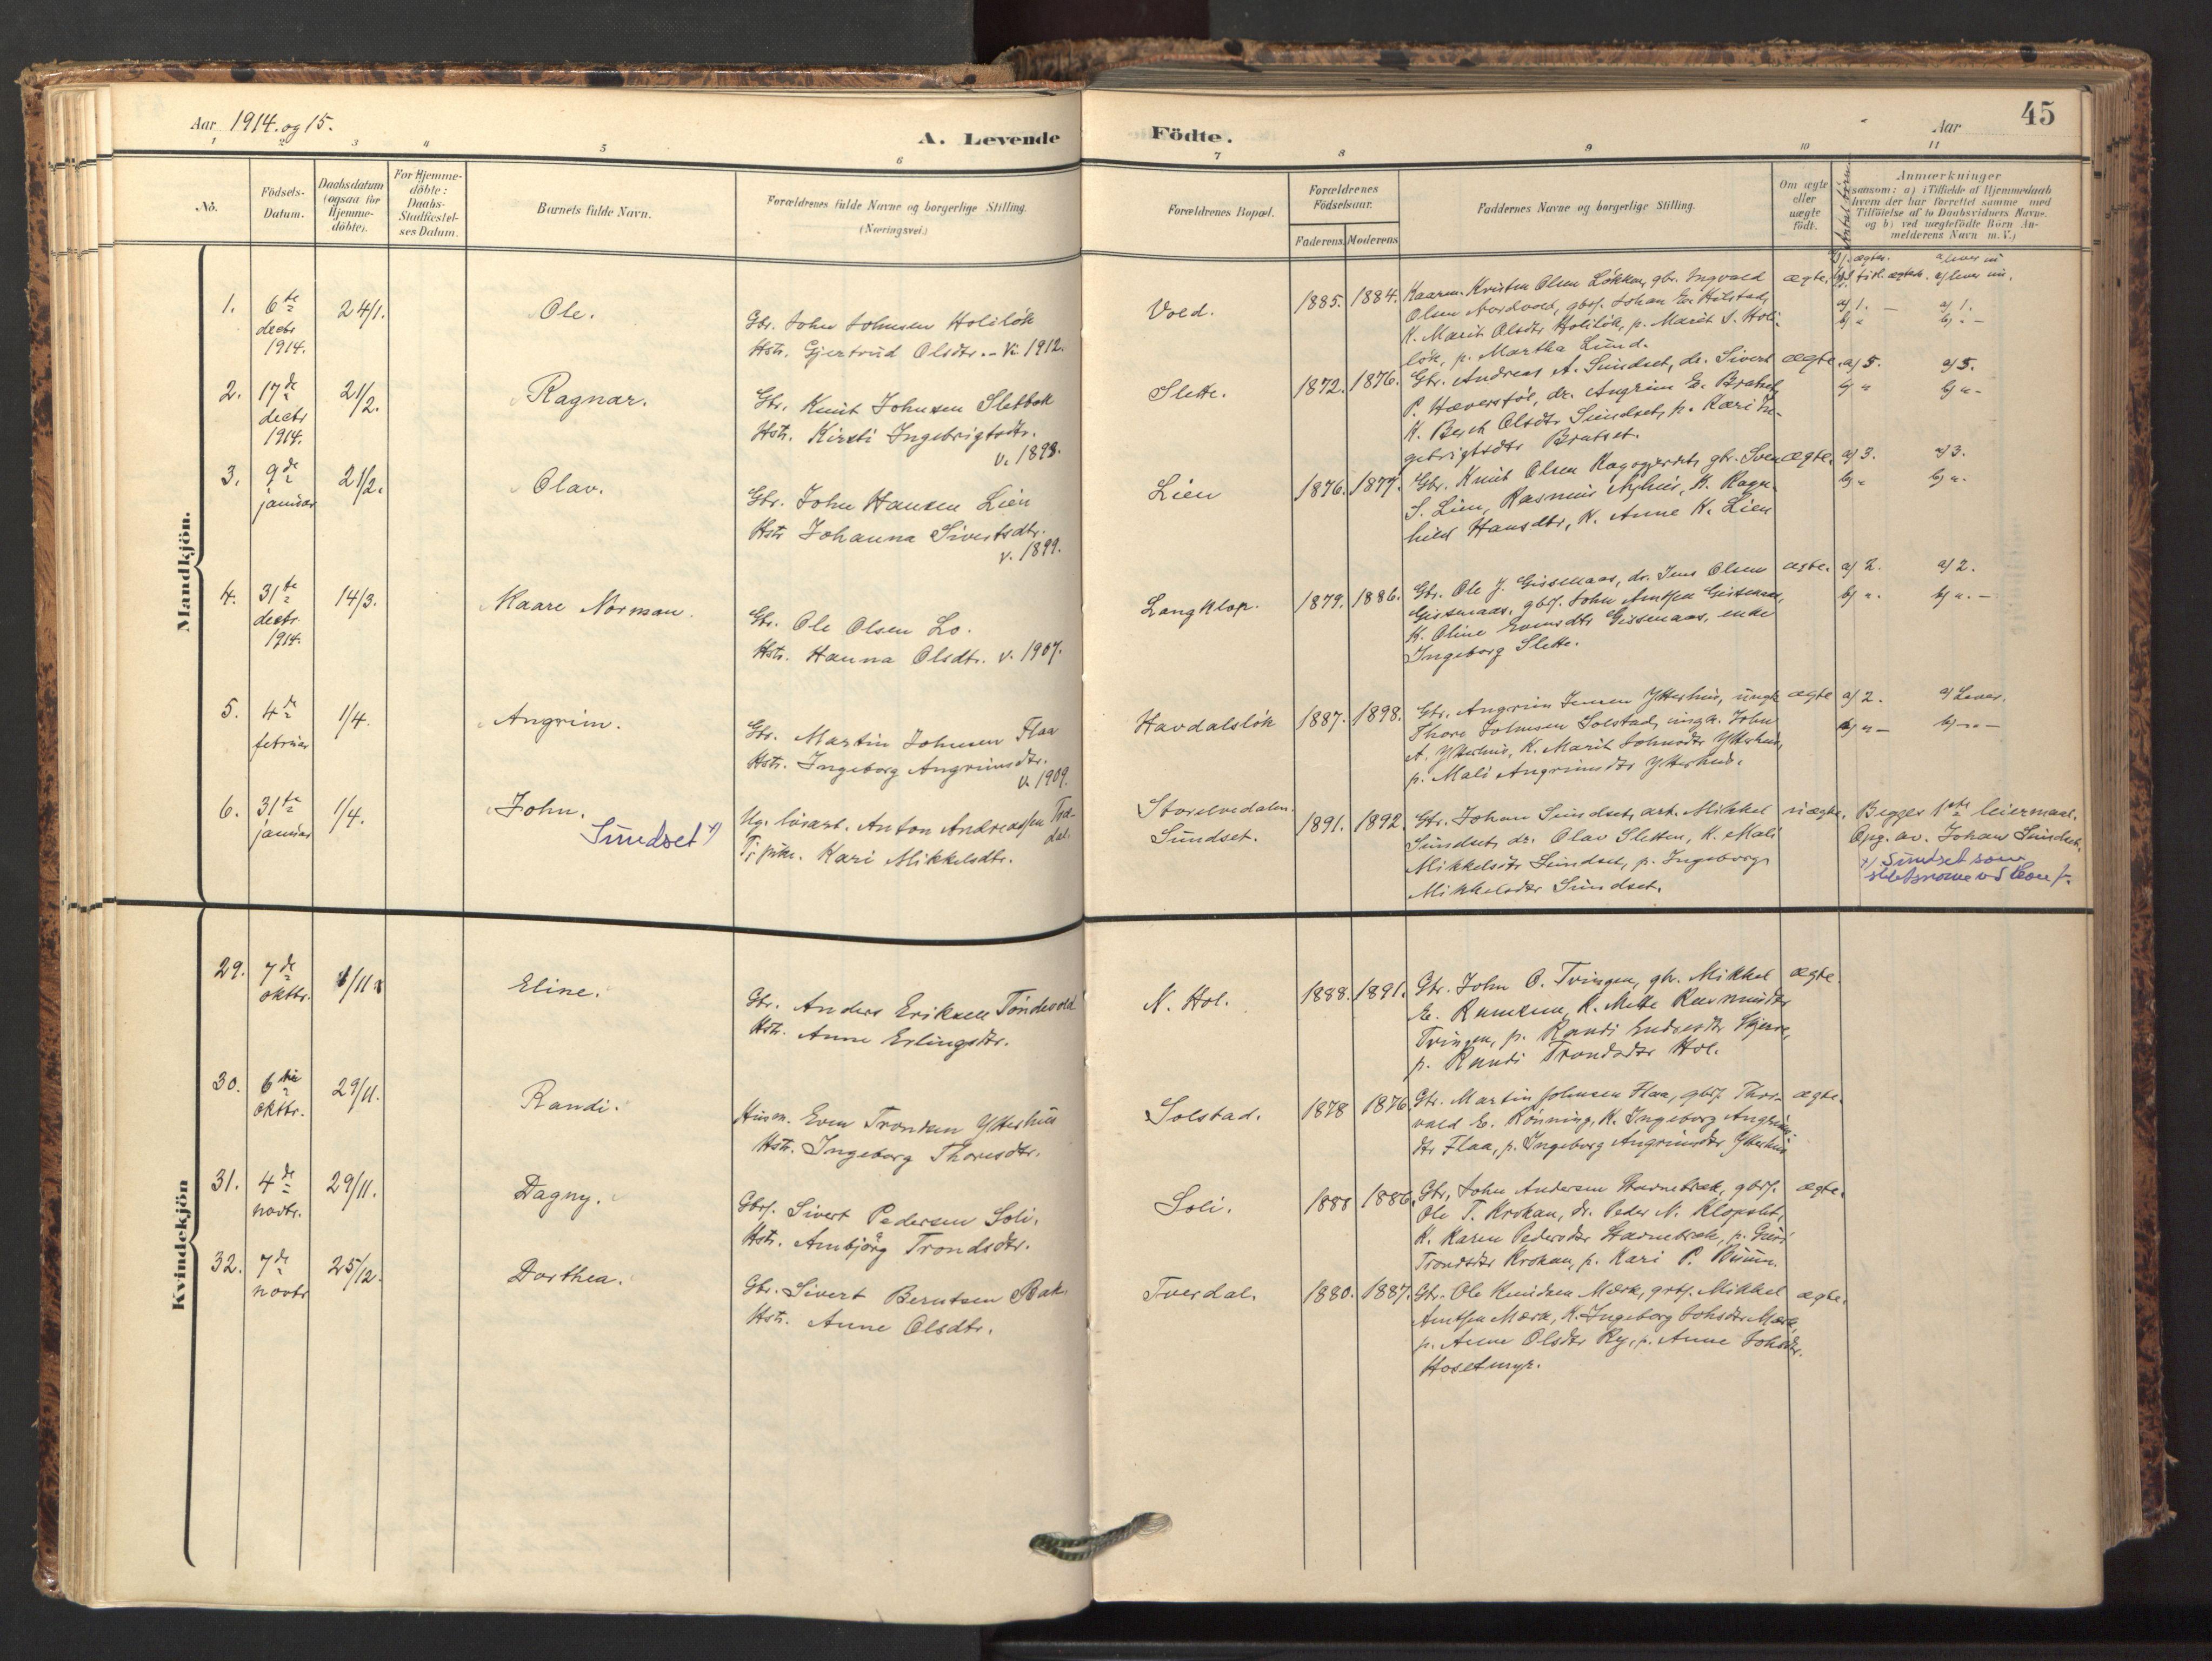 SAT, Ministerialprotokoller, klokkerbøker og fødselsregistre - Sør-Trøndelag, 674/L0873: Ministerialbok nr. 674A05, 1908-1923, s. 45